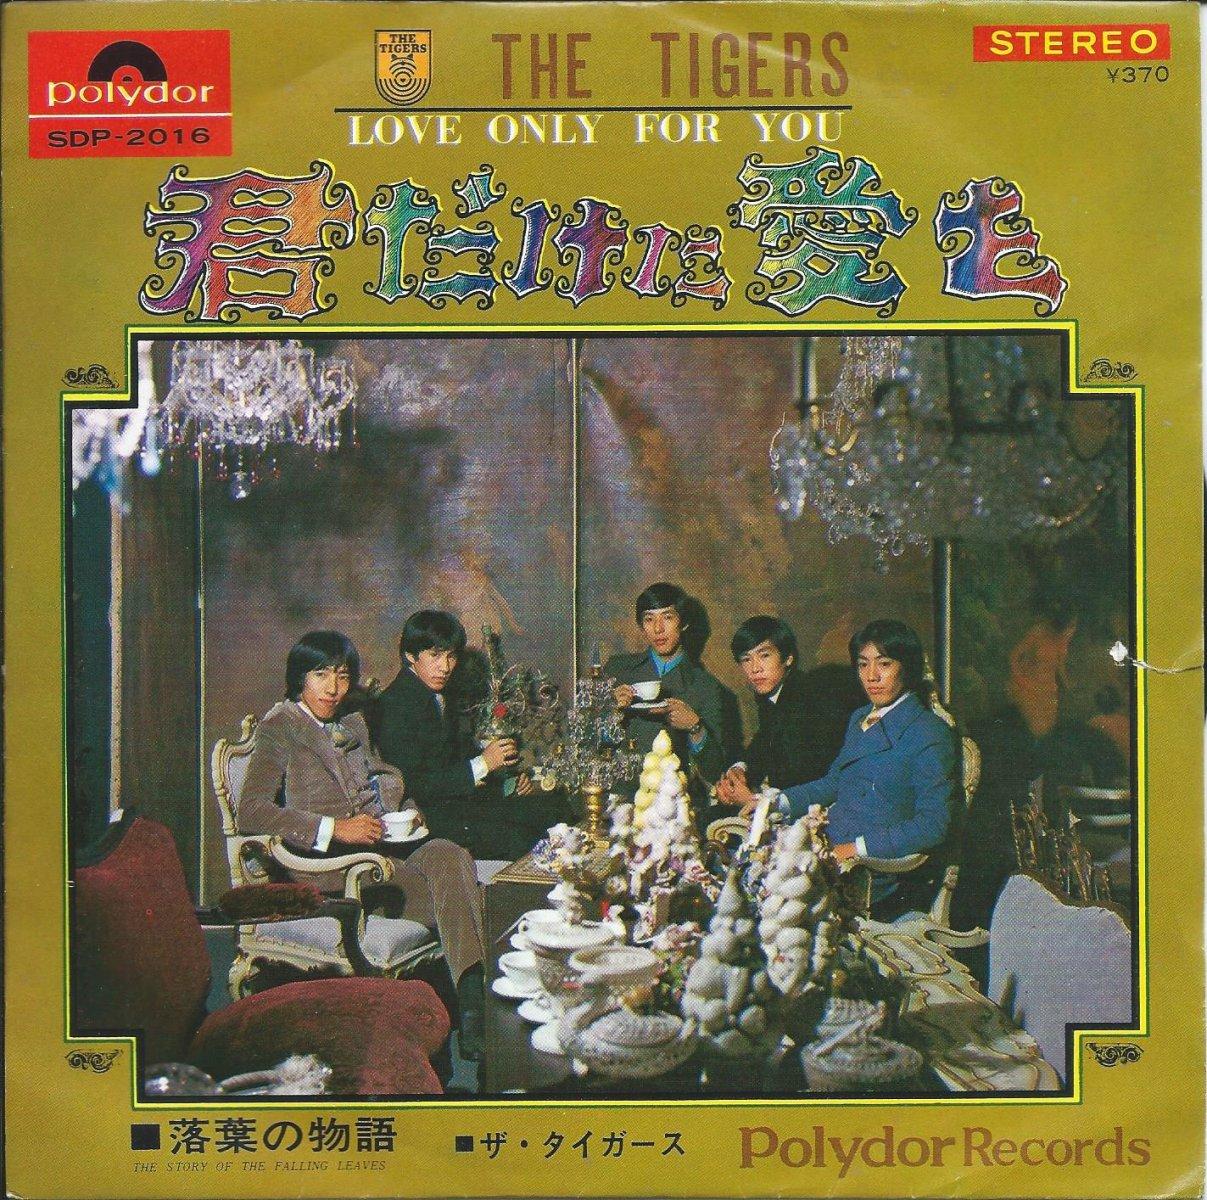 ザ・タイガース THE TIGERS / 君だけに愛を LOVE ONLY FOR YOU (7